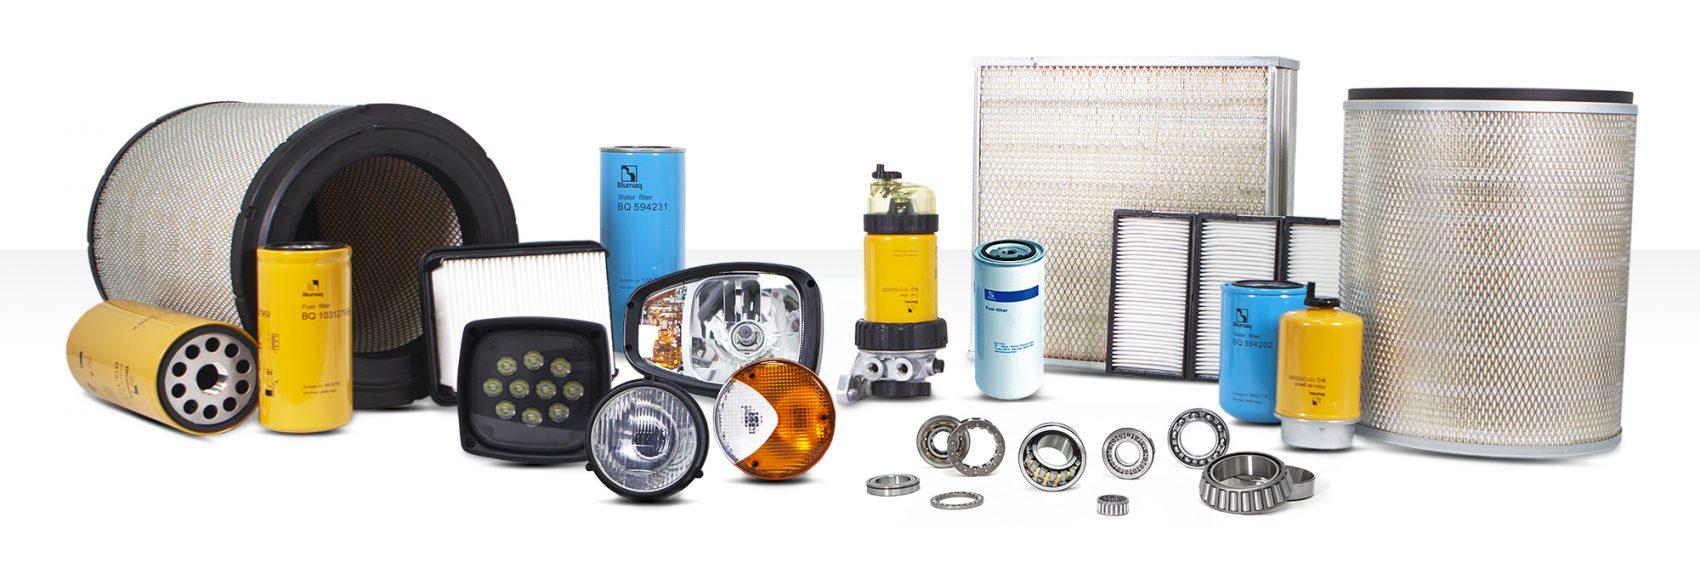 Piese de schimb Volvo pentru utilaje de lucrări publice și minerit